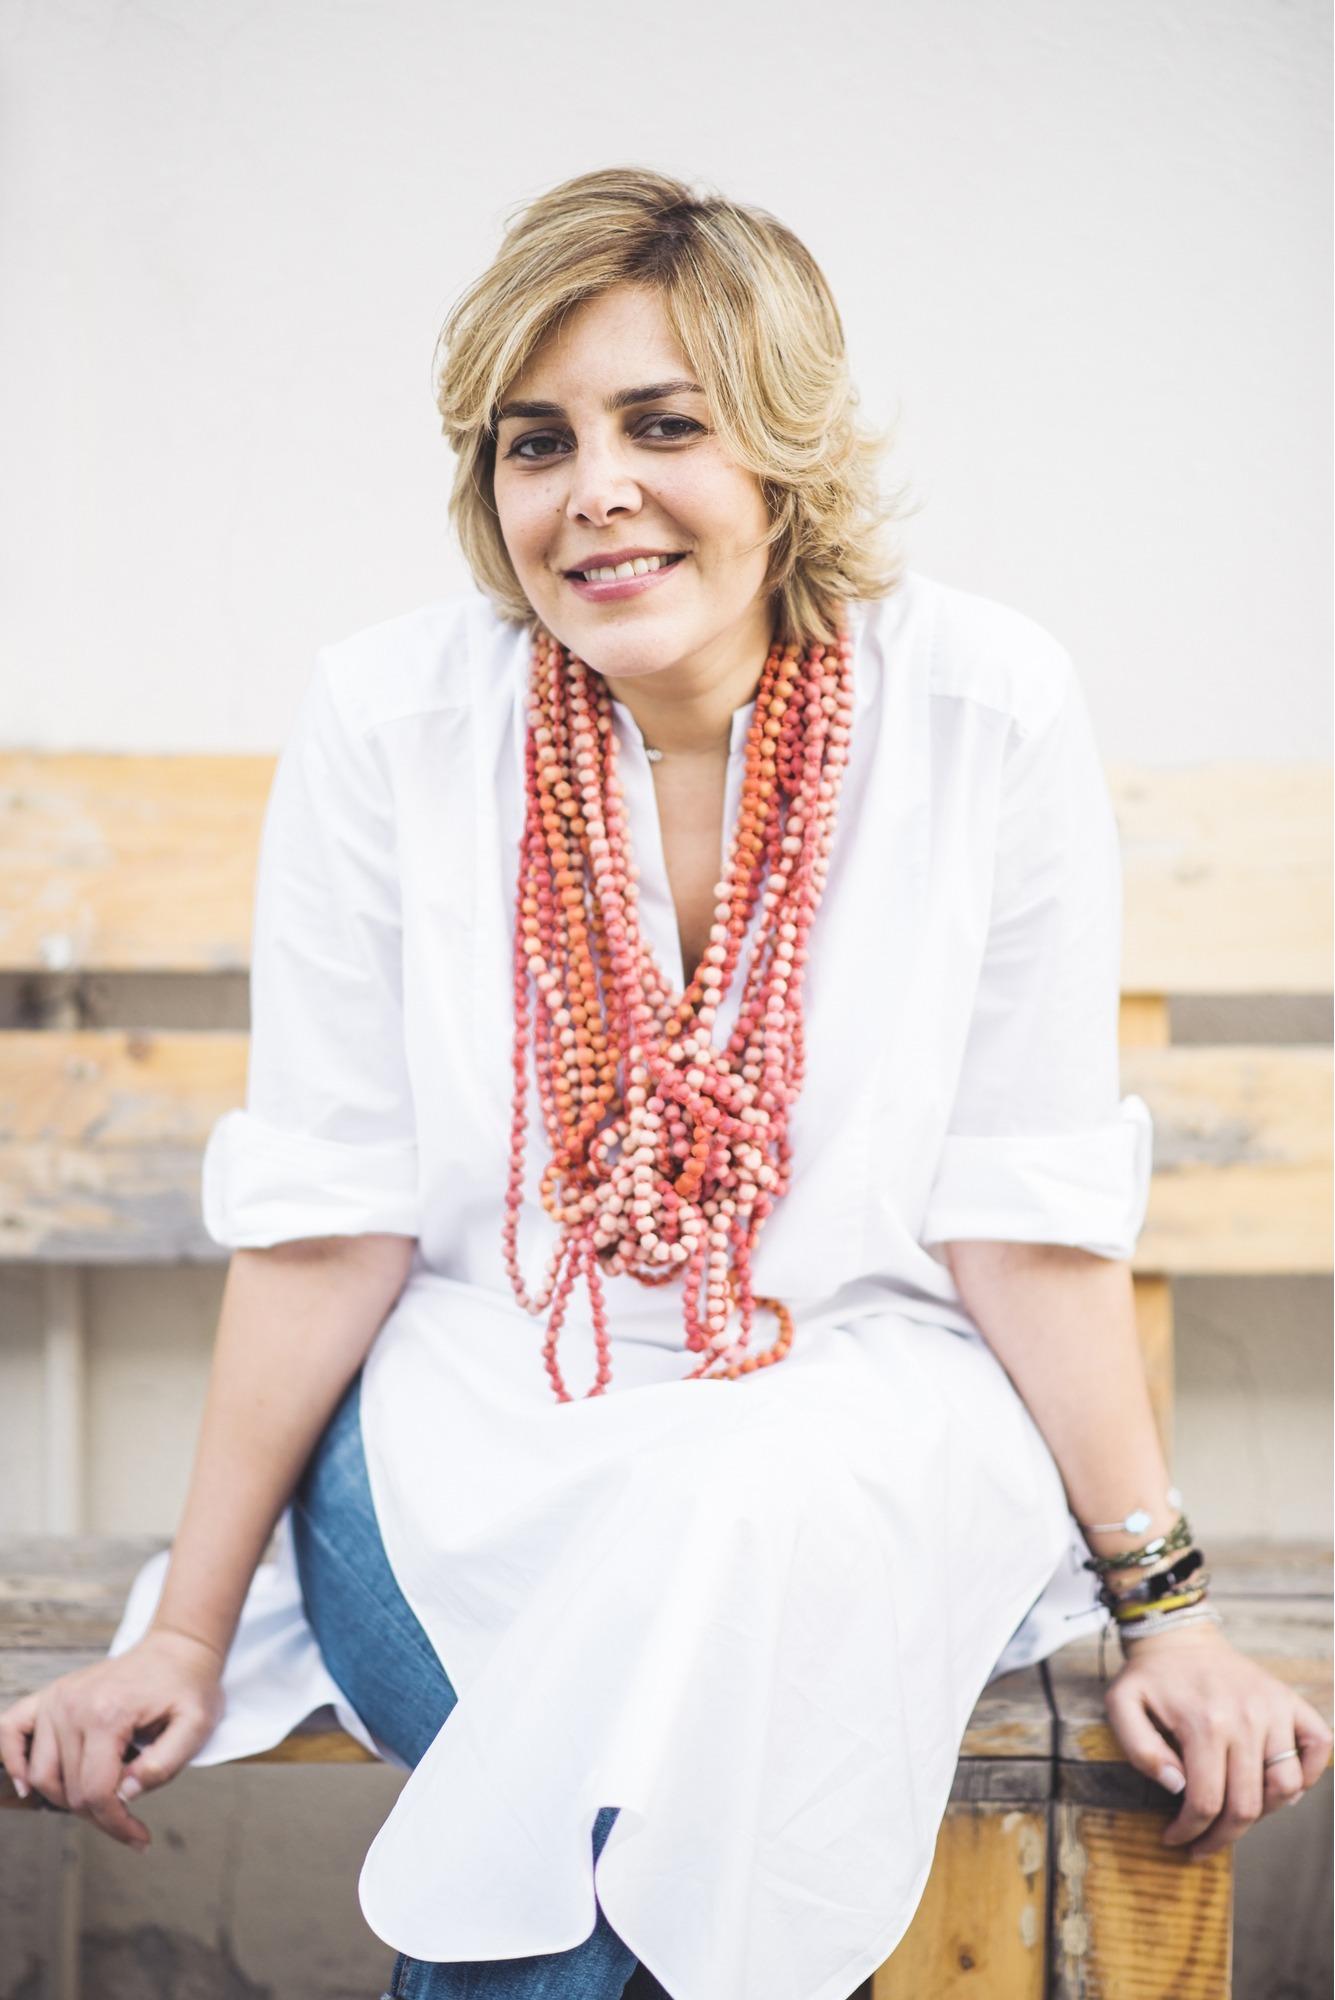 Director of Art Dubai Myrna Ayad Image via arsgratiaartis.eu